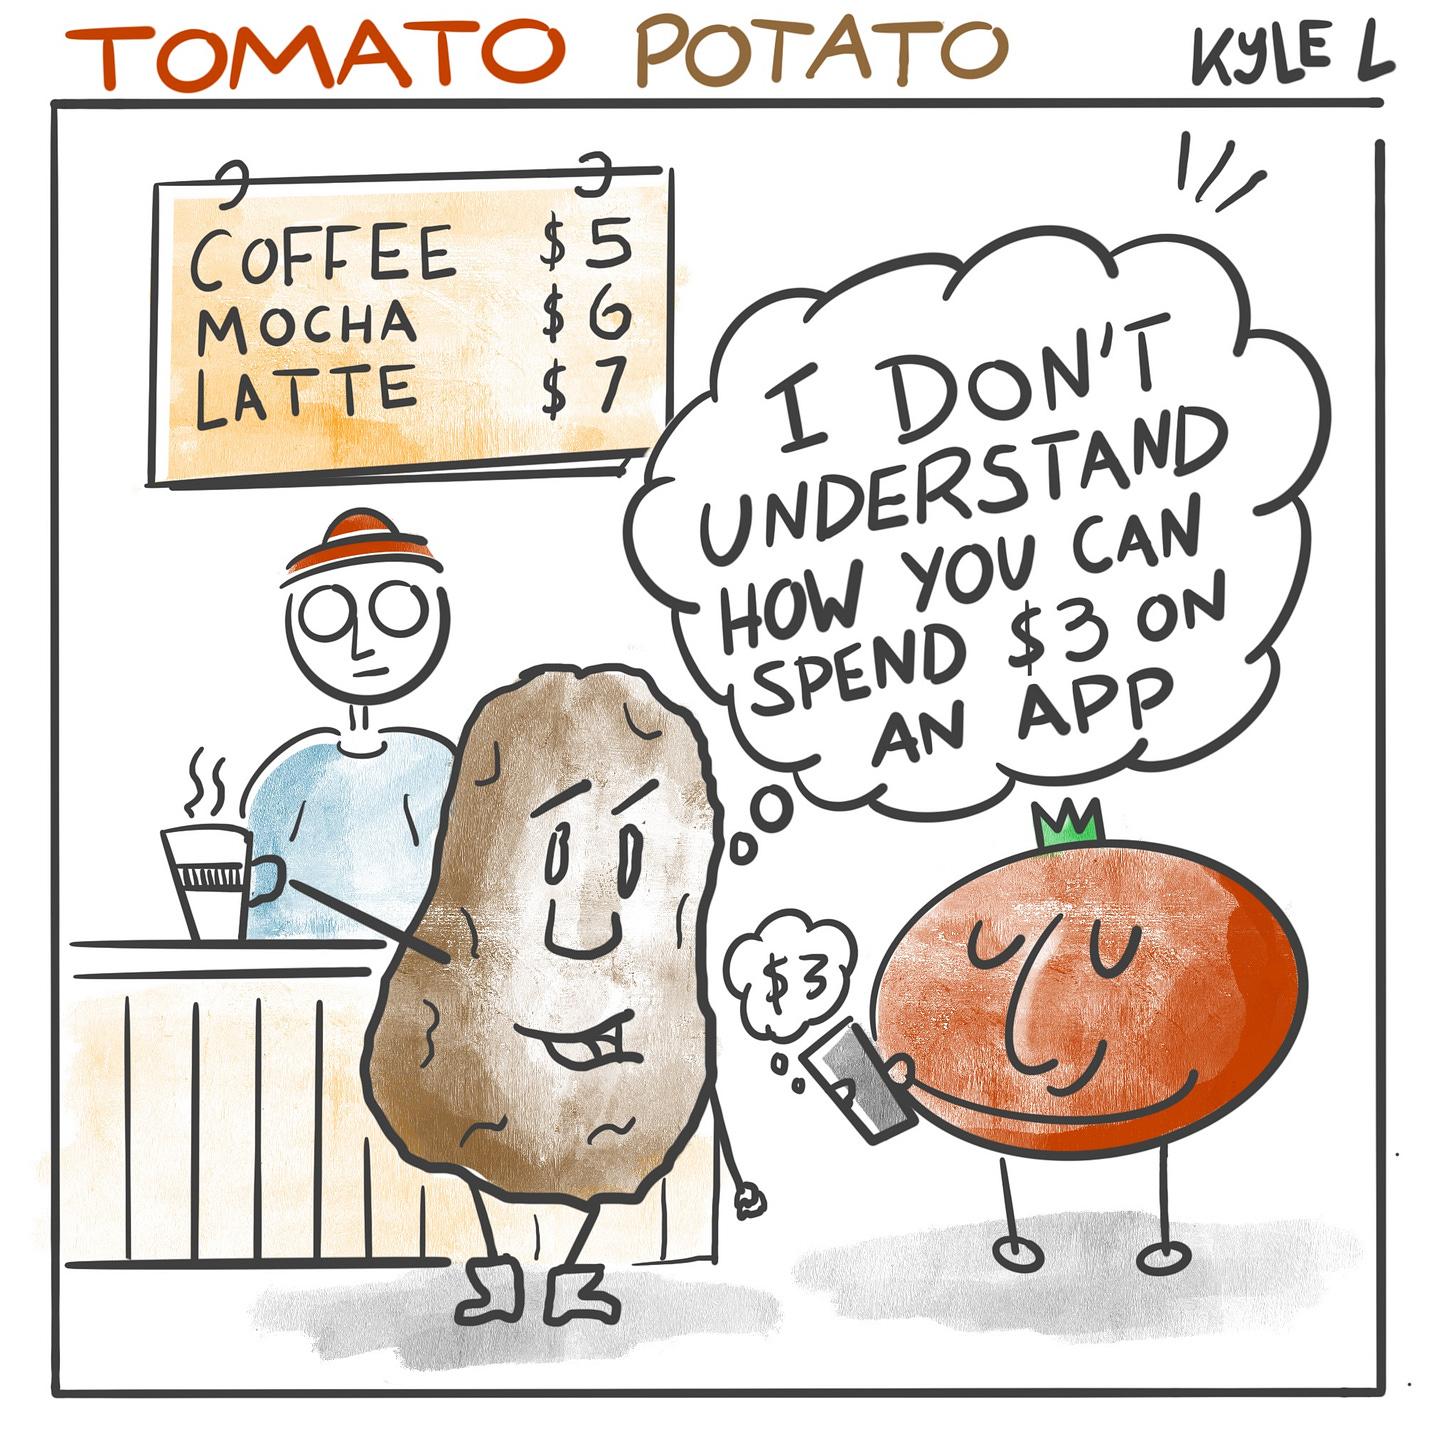 Tomato Potato comic